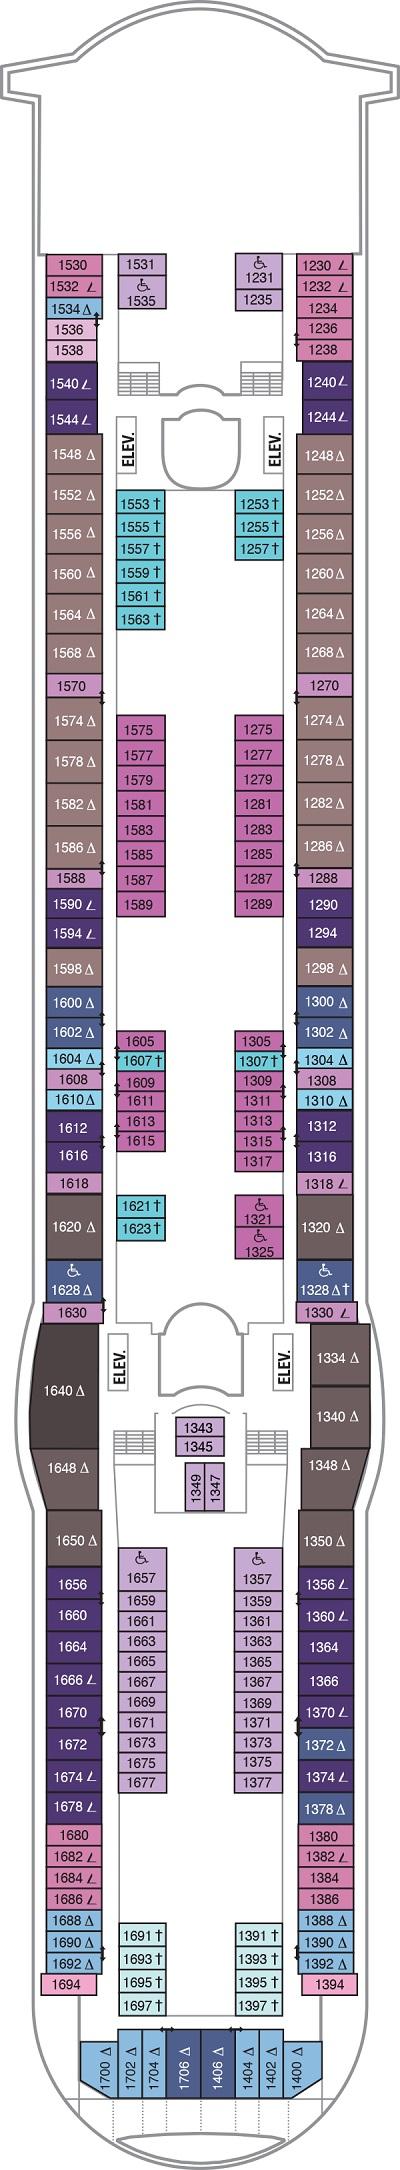 Deck 10 (starts 5-4-19)